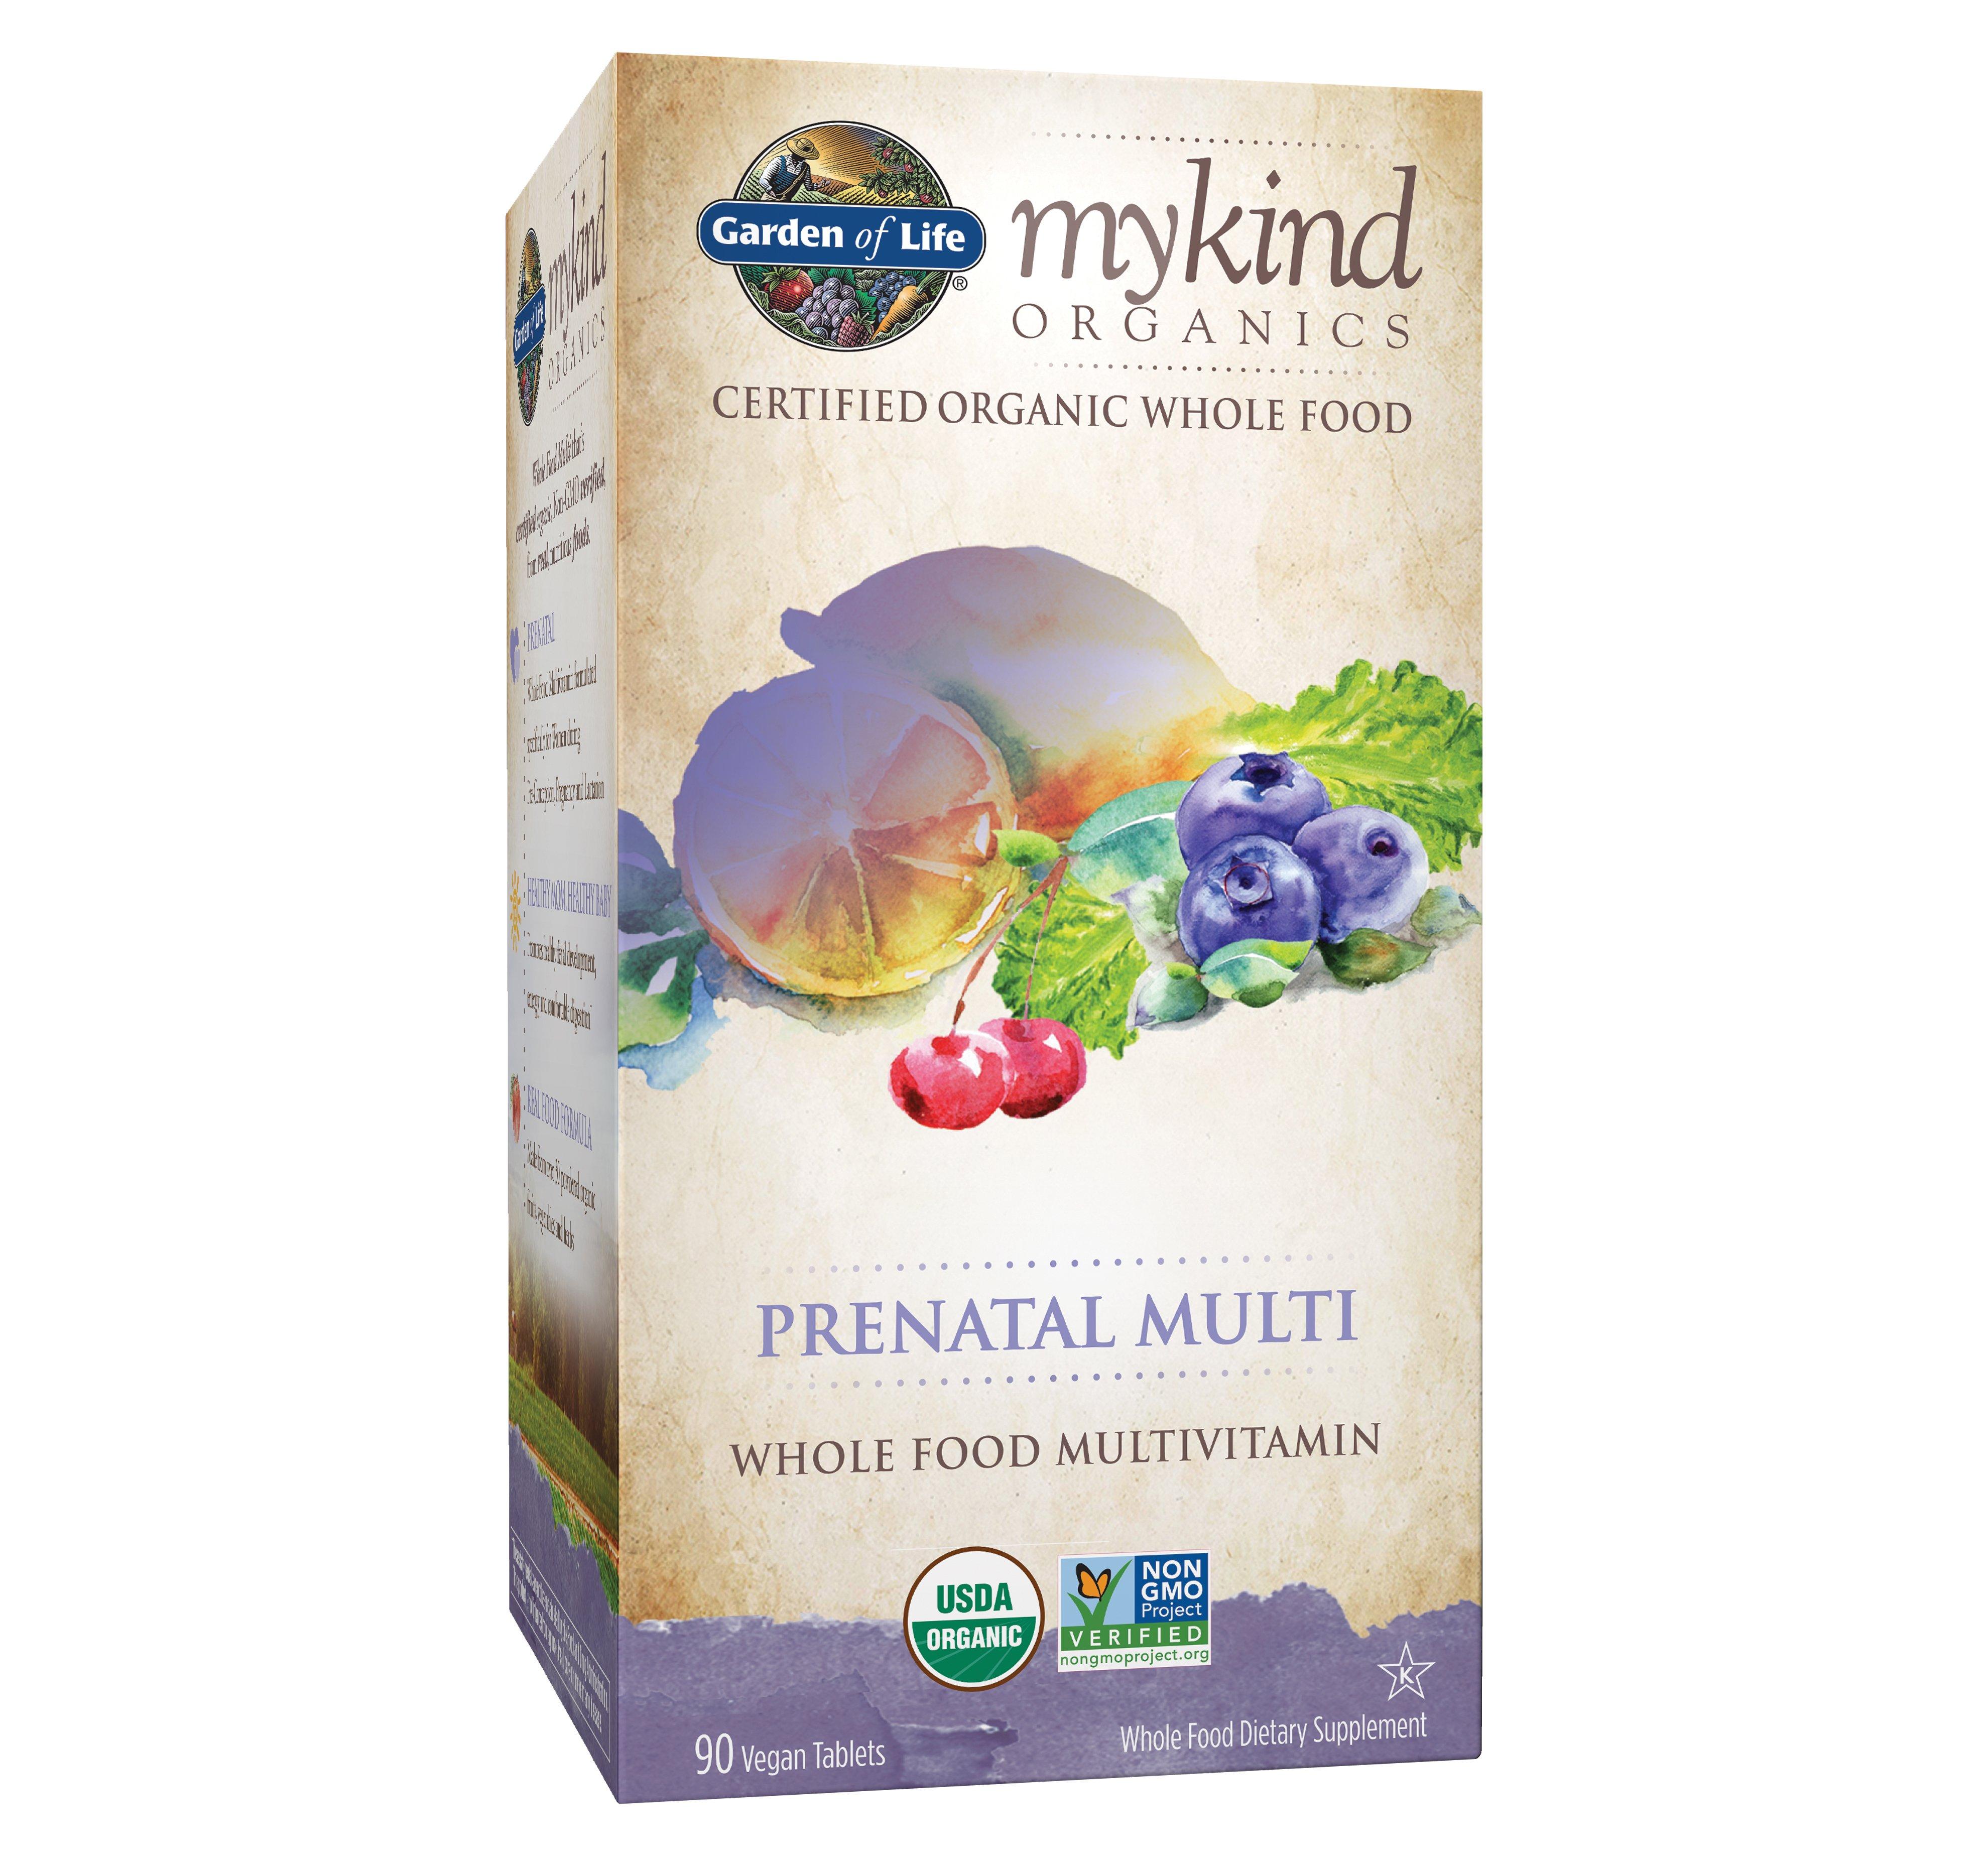 Garden Of Life Mykind Organics Prenatal Multivitamin Tablets Shop Multivitamins At H E B